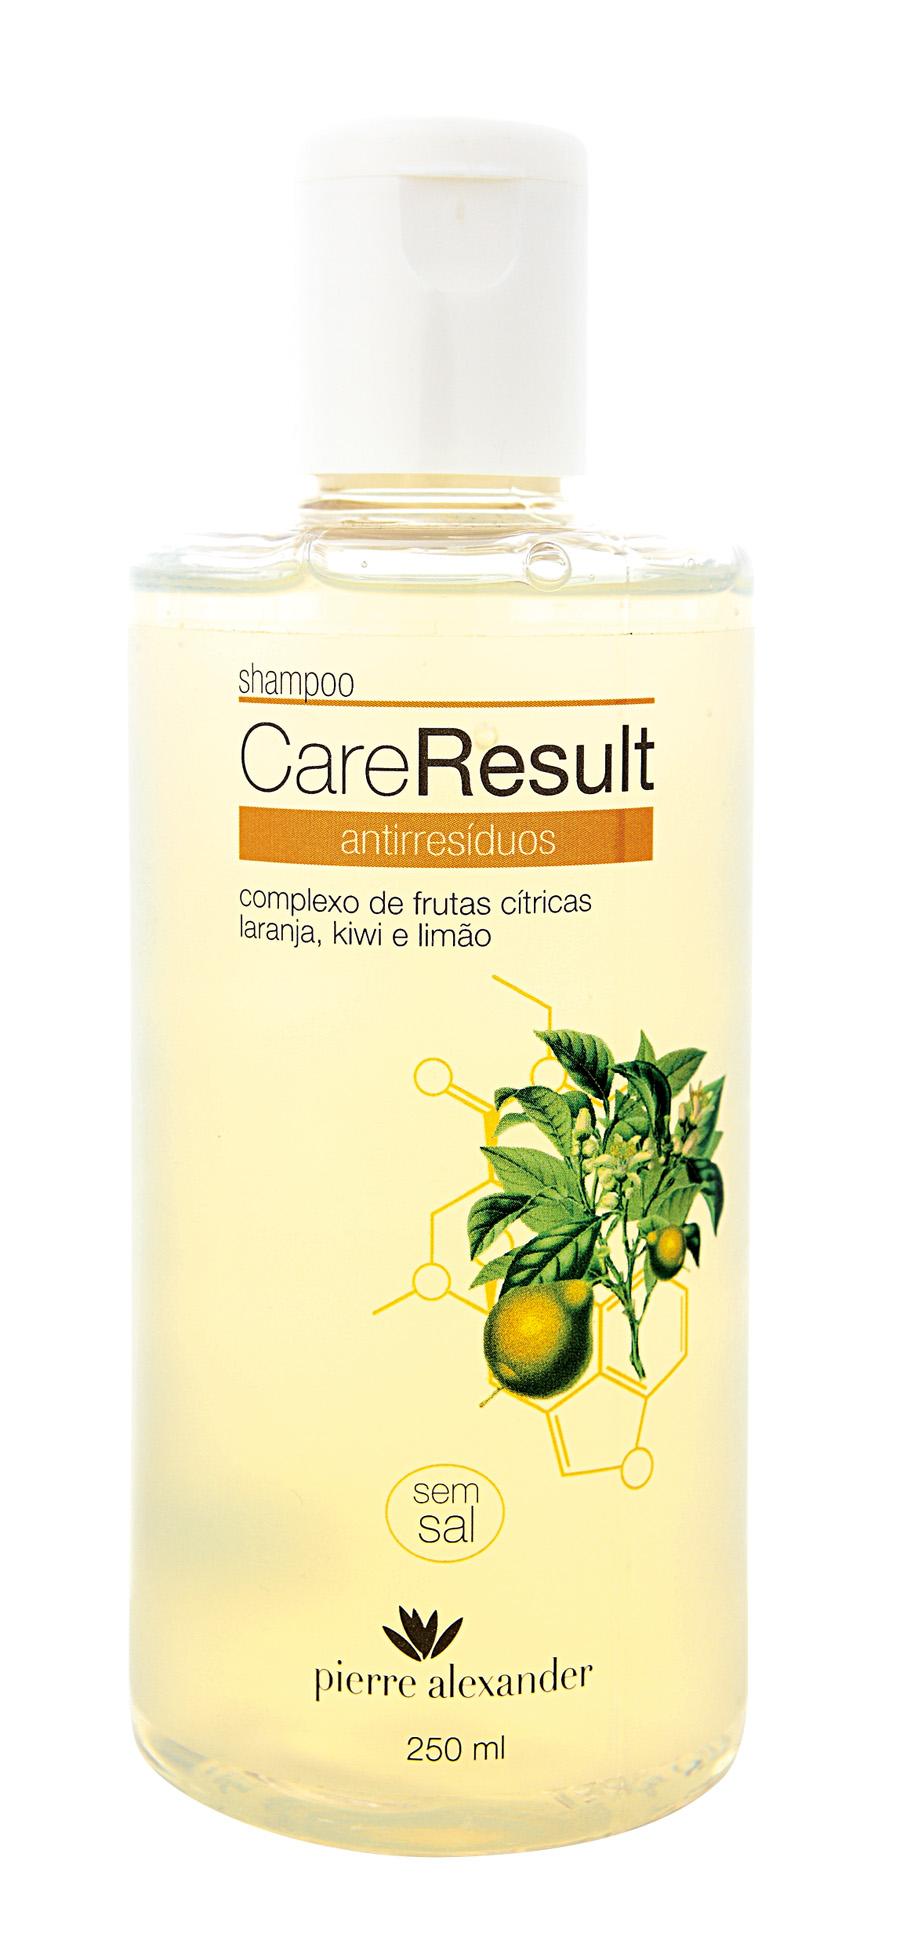 Profundo - O novo xampu antirresíduos da linha CareResult, da Pierre Alexander, pode funcionar para vários tipos de cabelo. Em fios mais carregados, ele pode ser usado uma vez por semana, e nos secos, de 15 em 15 dias. Ele também promete não afetar a cor dos cabelos pintados. Como este tipo de produto promove limpeza profunda, em alguns casos o ideal é aplicar uma máscara de hidratação após o uso, para que ela reponha os nutrientes perdidos. Vai lá: R$ 18. 0800-6448800